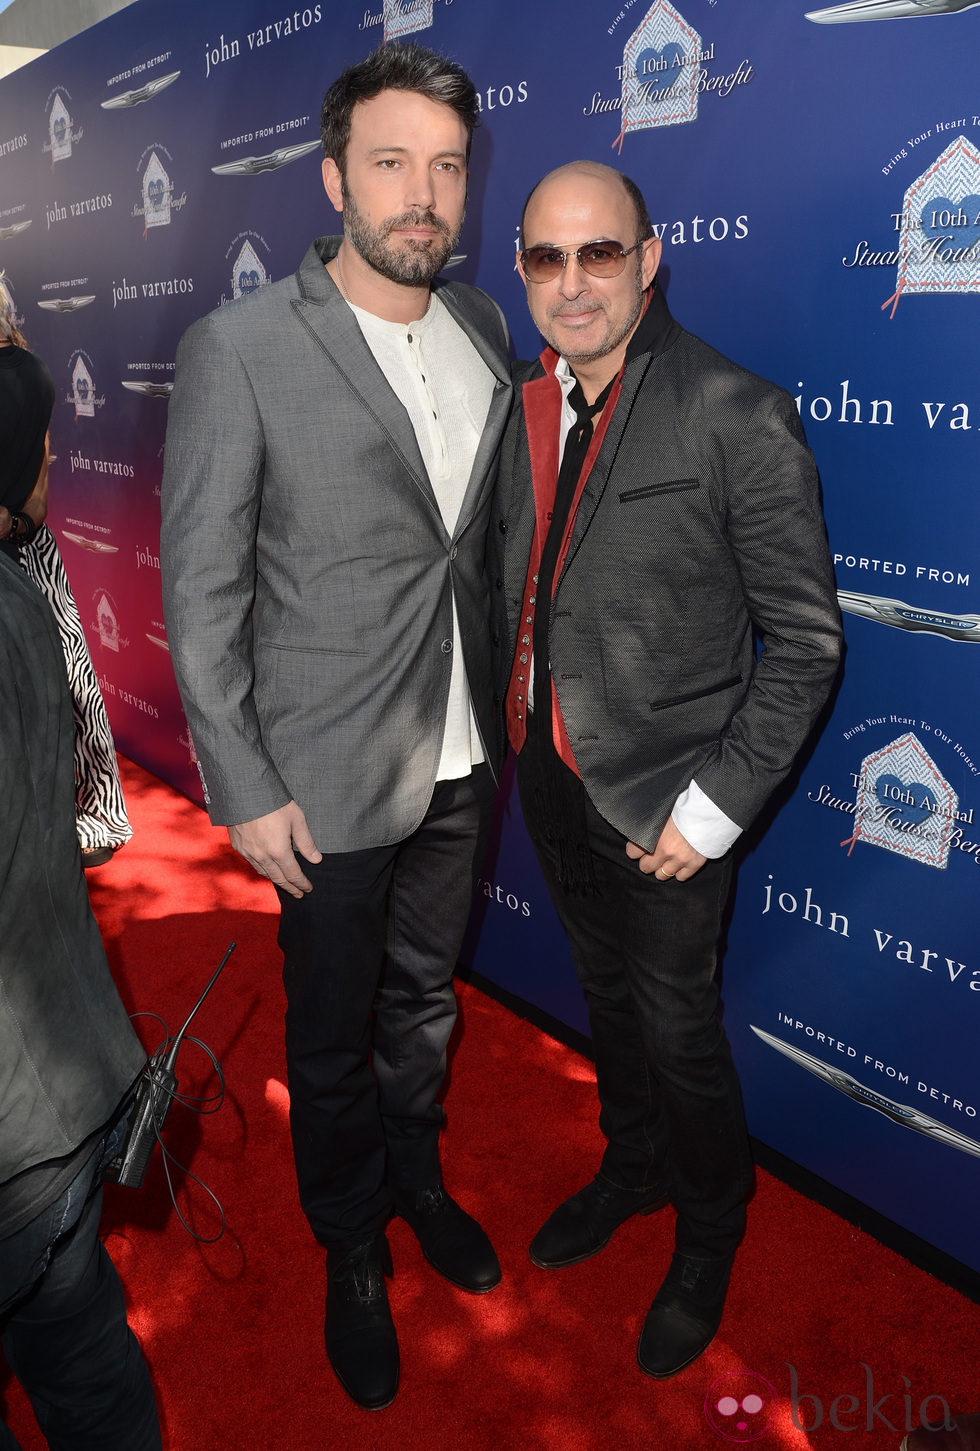 John Varvatos con Ben Affleck en su fiesta solidaria celebrada en Los Ángeles